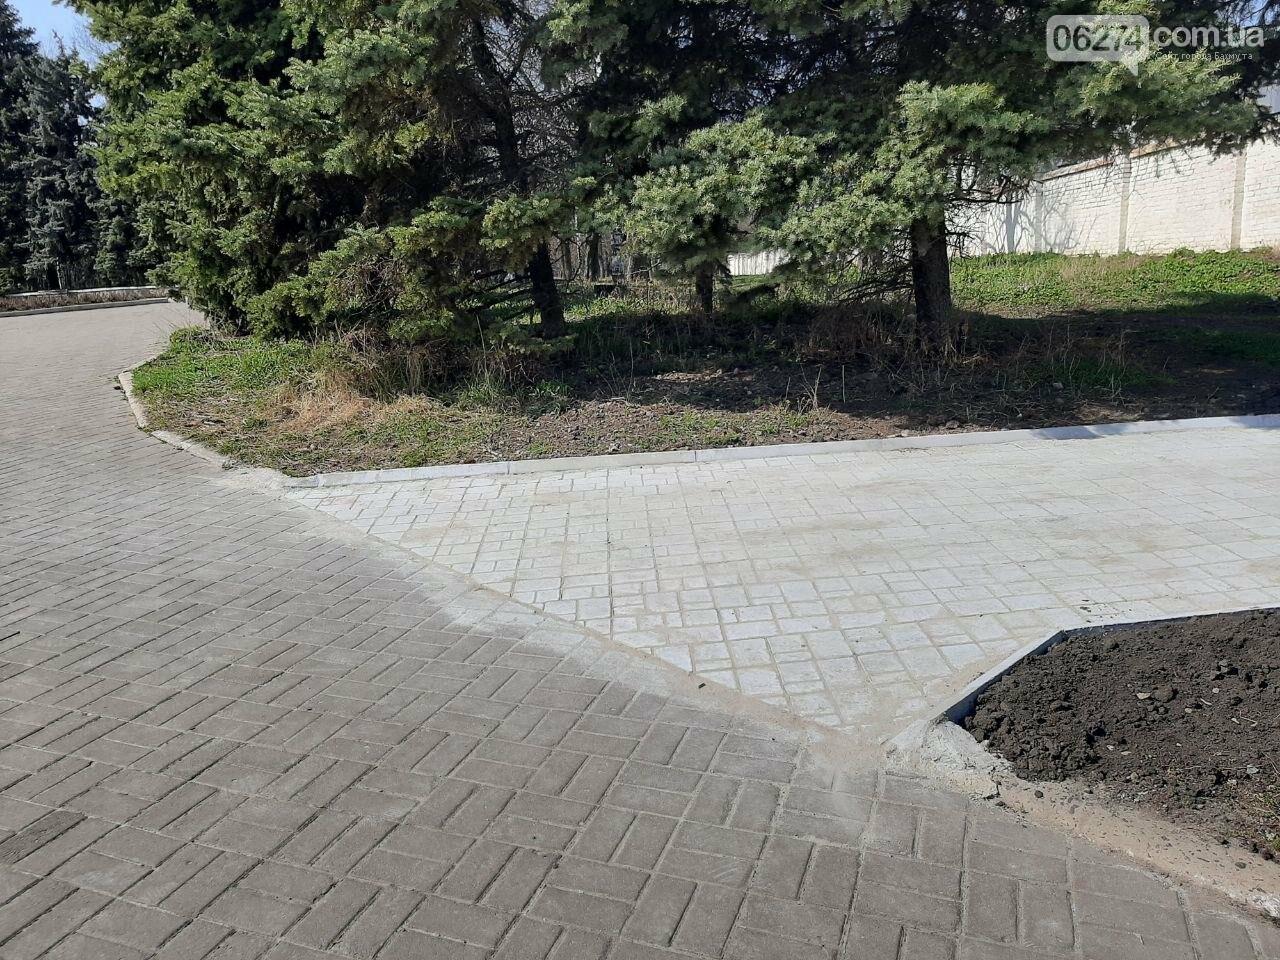 В Бахмуте продолжается ремонт тротуаров, фото-2